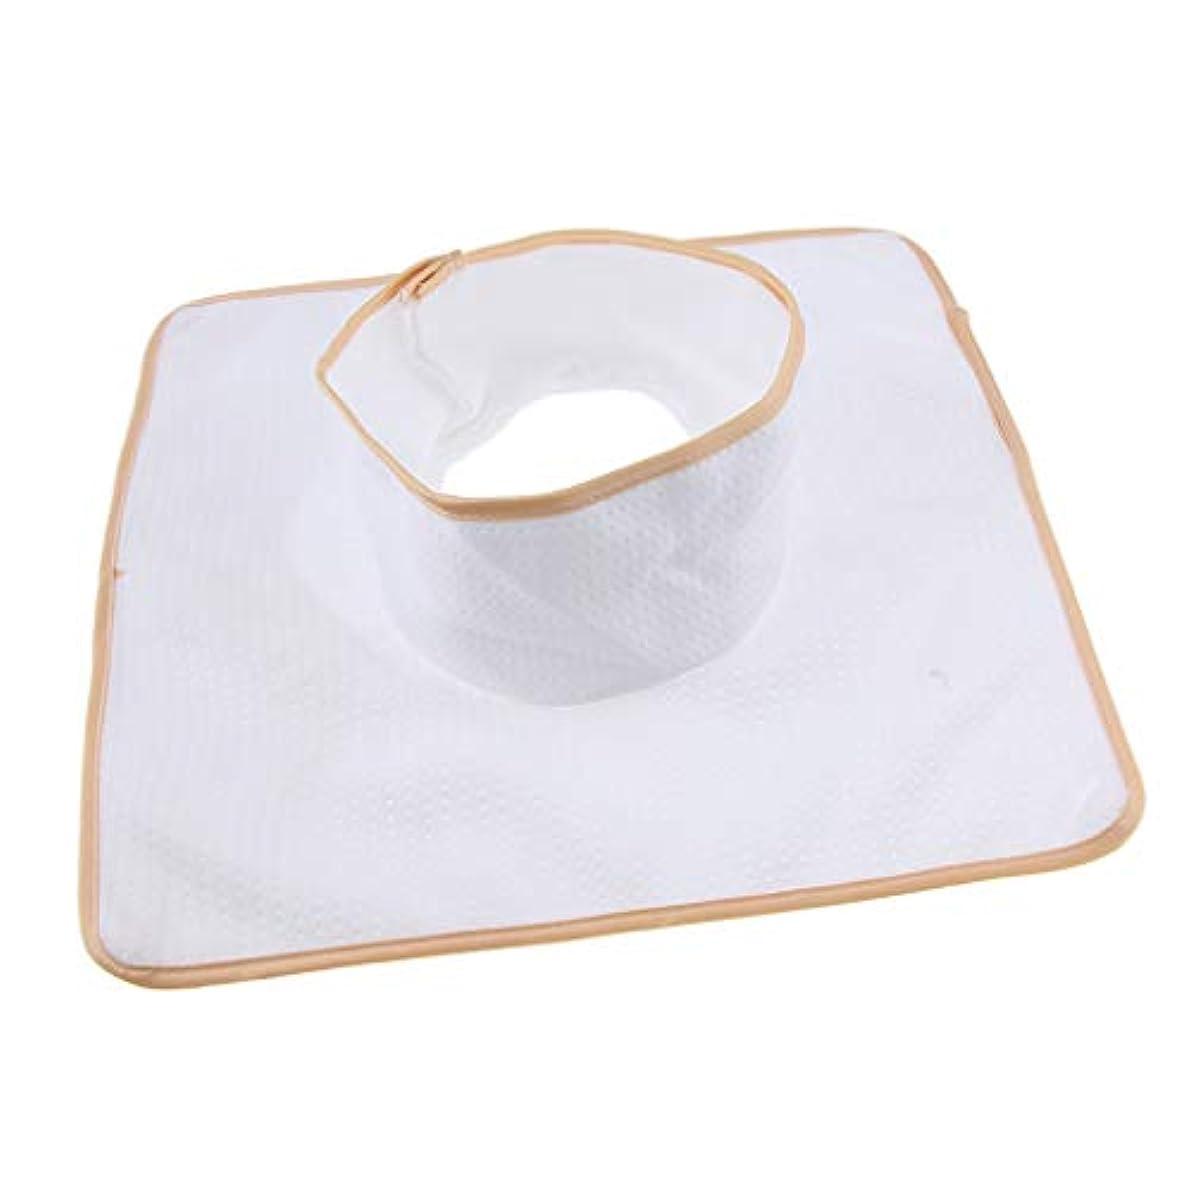 ゆでるやりがいのある賞賛するマッサージ ベッド テーブル ヘッドパッド 頭の穴付 再使用可能 約35×35cm 全3色 - 白